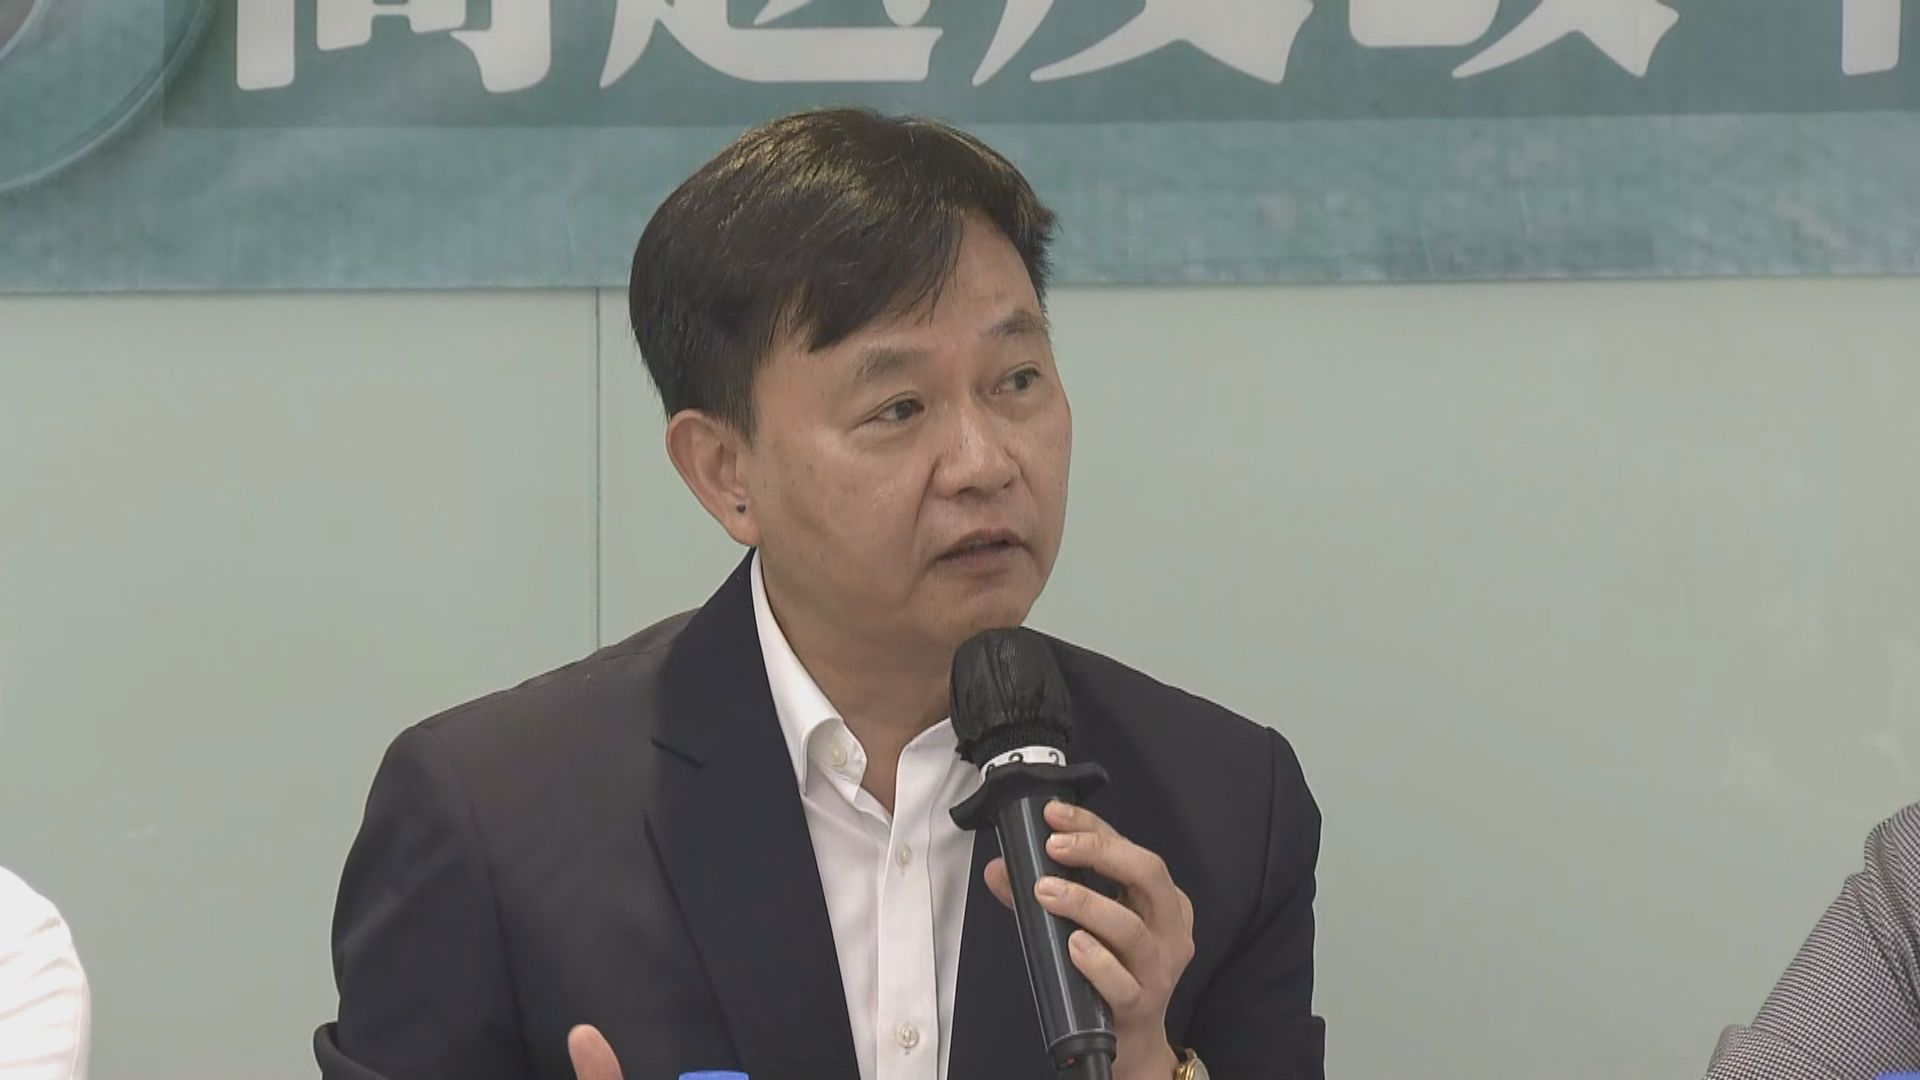 梁栢賢:預計今年可增聘額外50名海外醫生